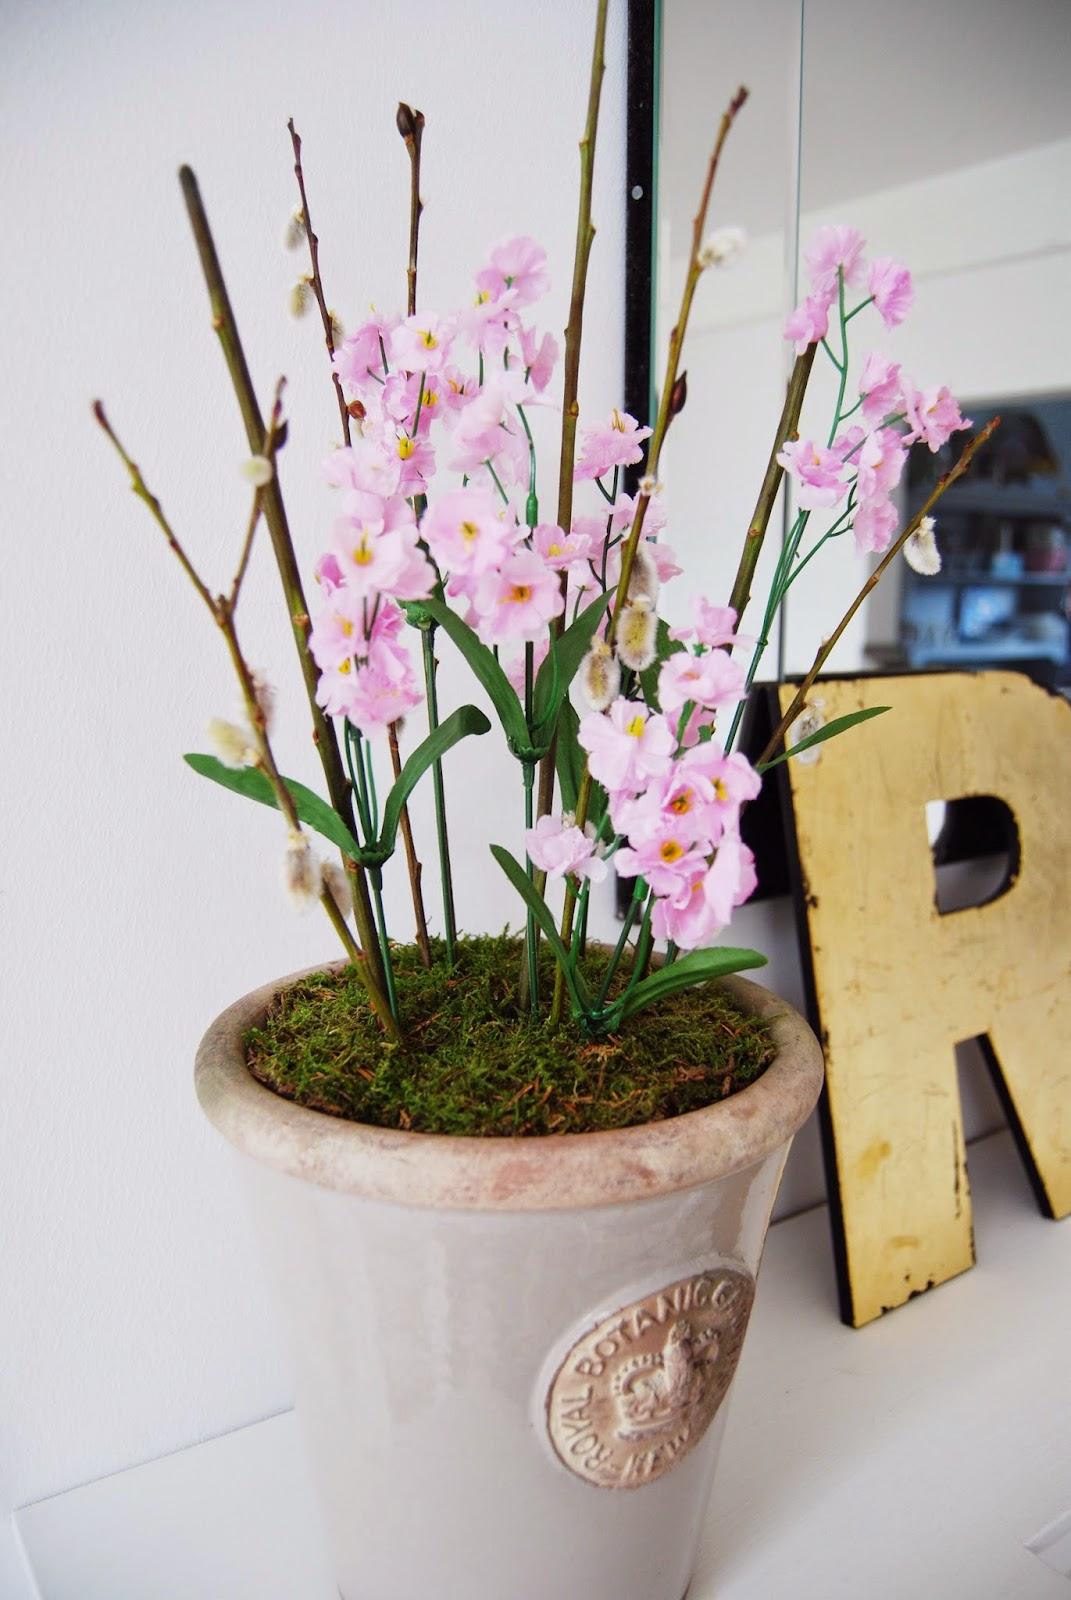 Artificial Flower Plant Pots & Artificial Flower Plant Pots | Brick Dust \u0026 Glitter